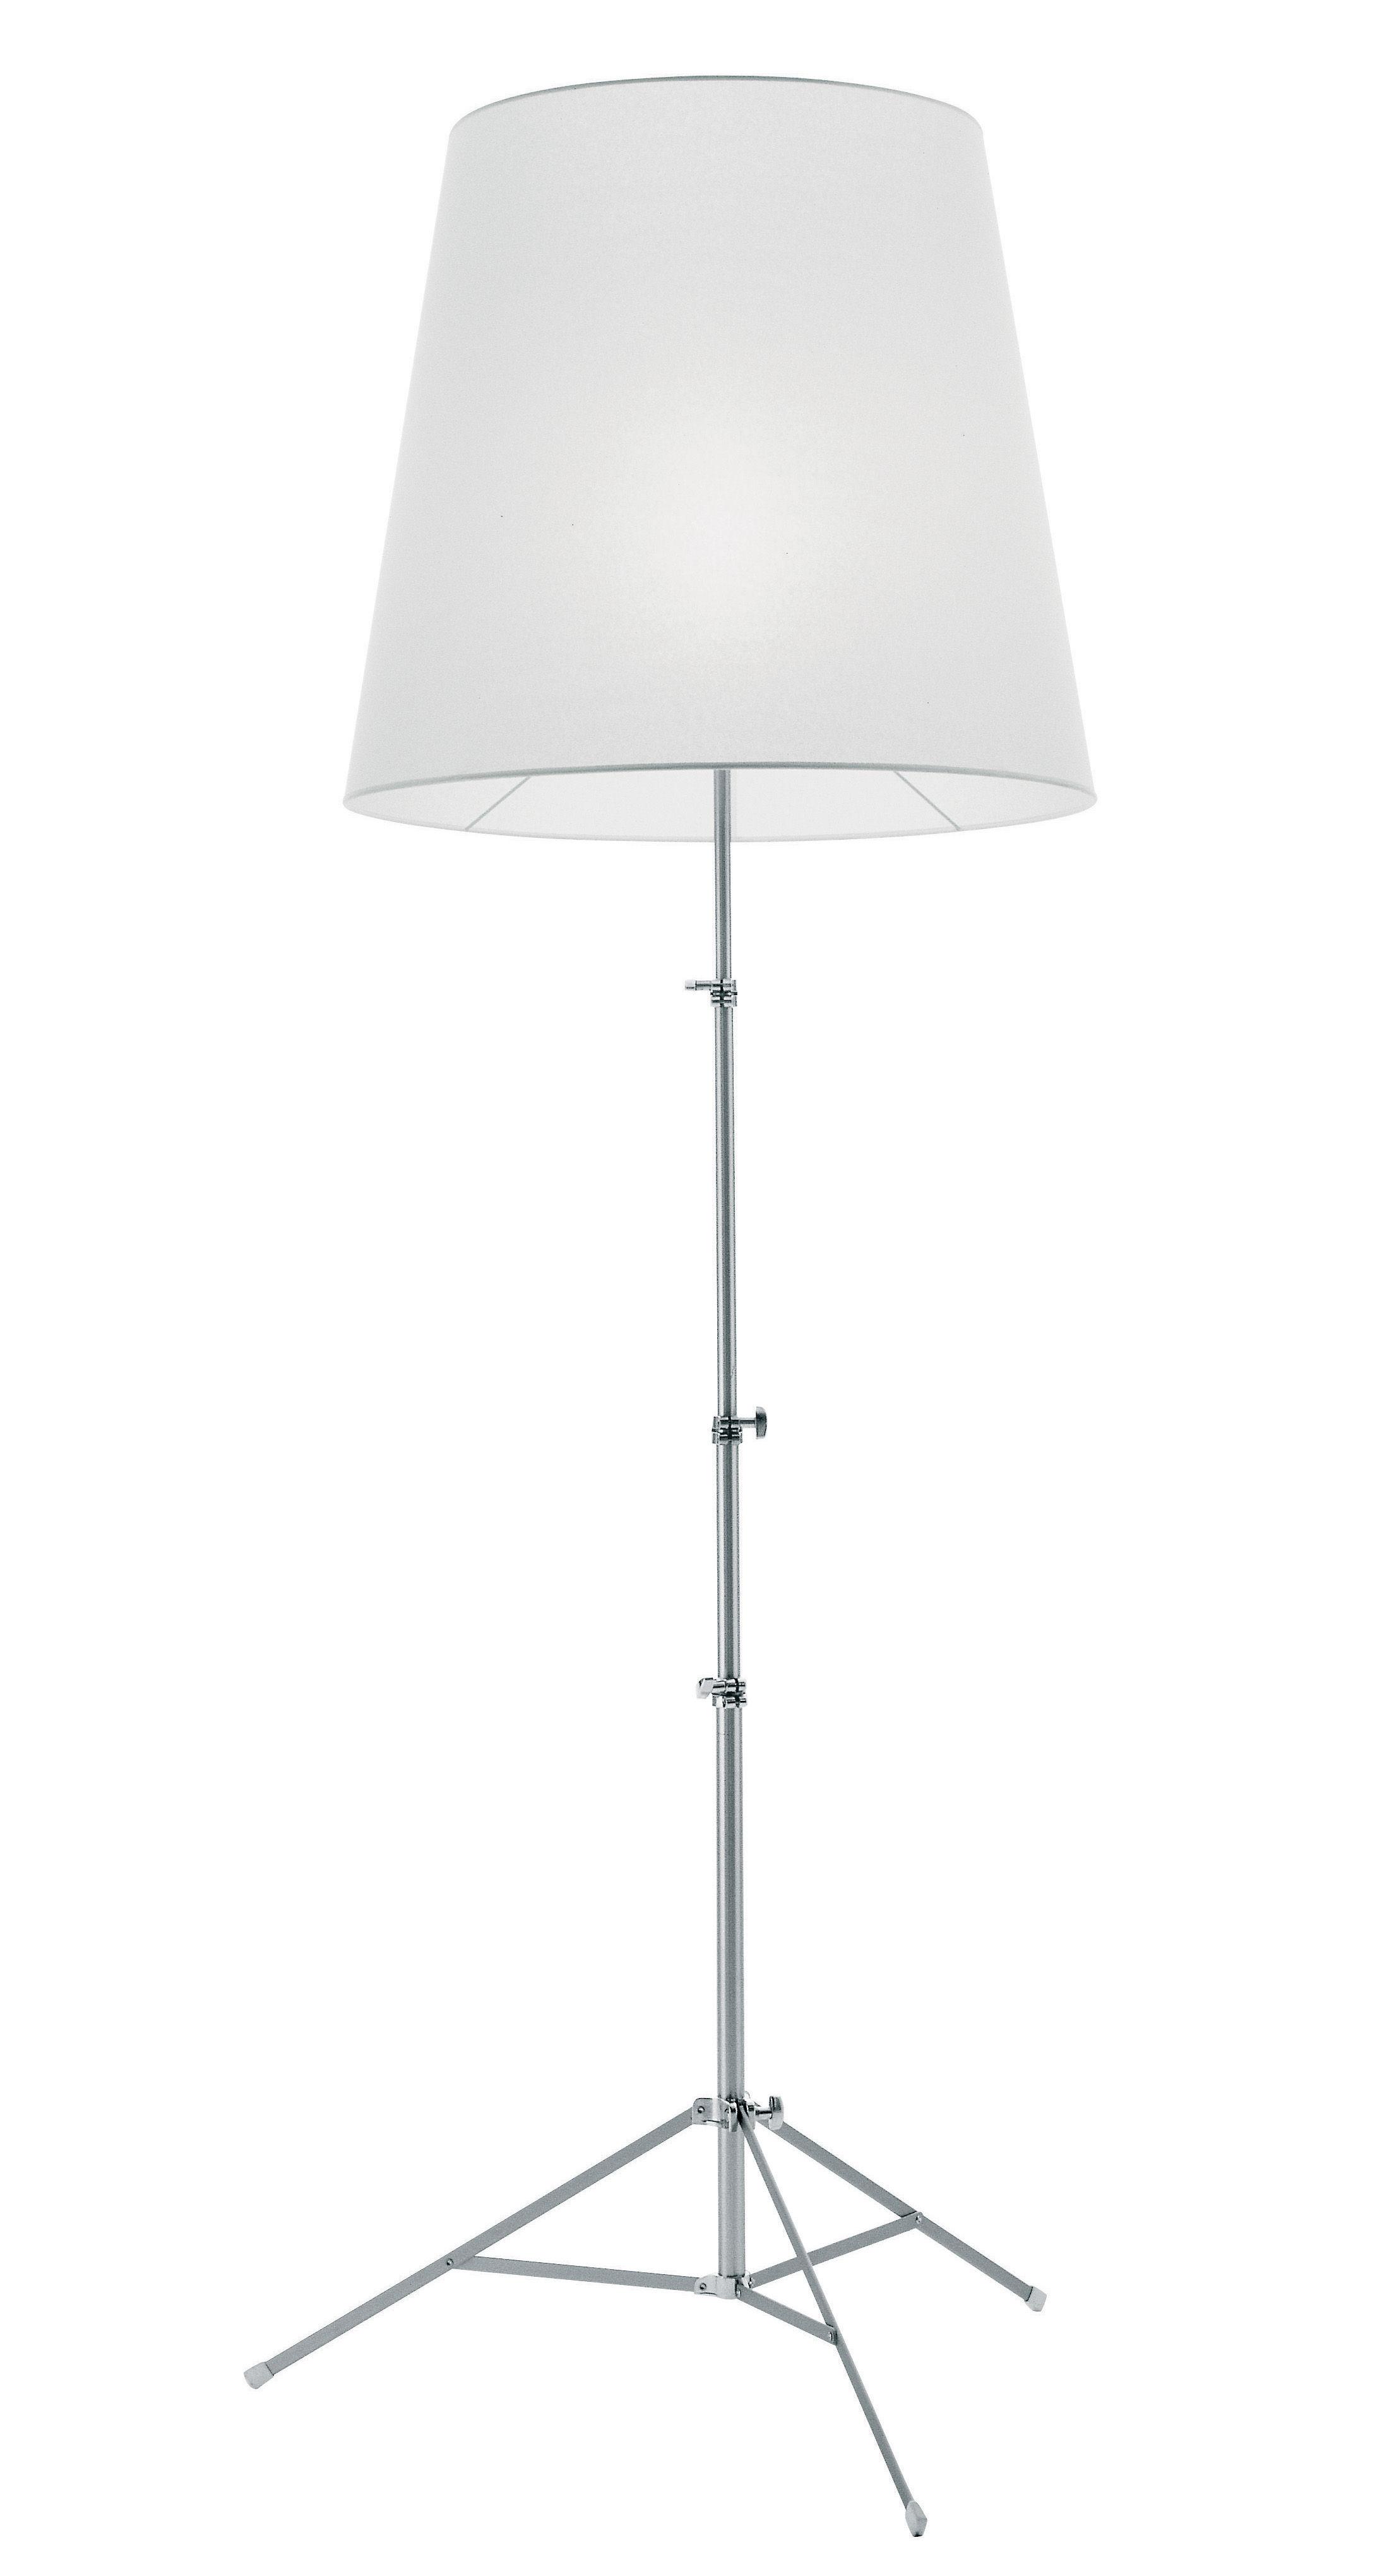 Luminaire - Lampadaires - Lampadaire Gilda - Pallucco - Blanc - Parchemin synthétique - Aluminium anodisé, Papier parchemin synthétique